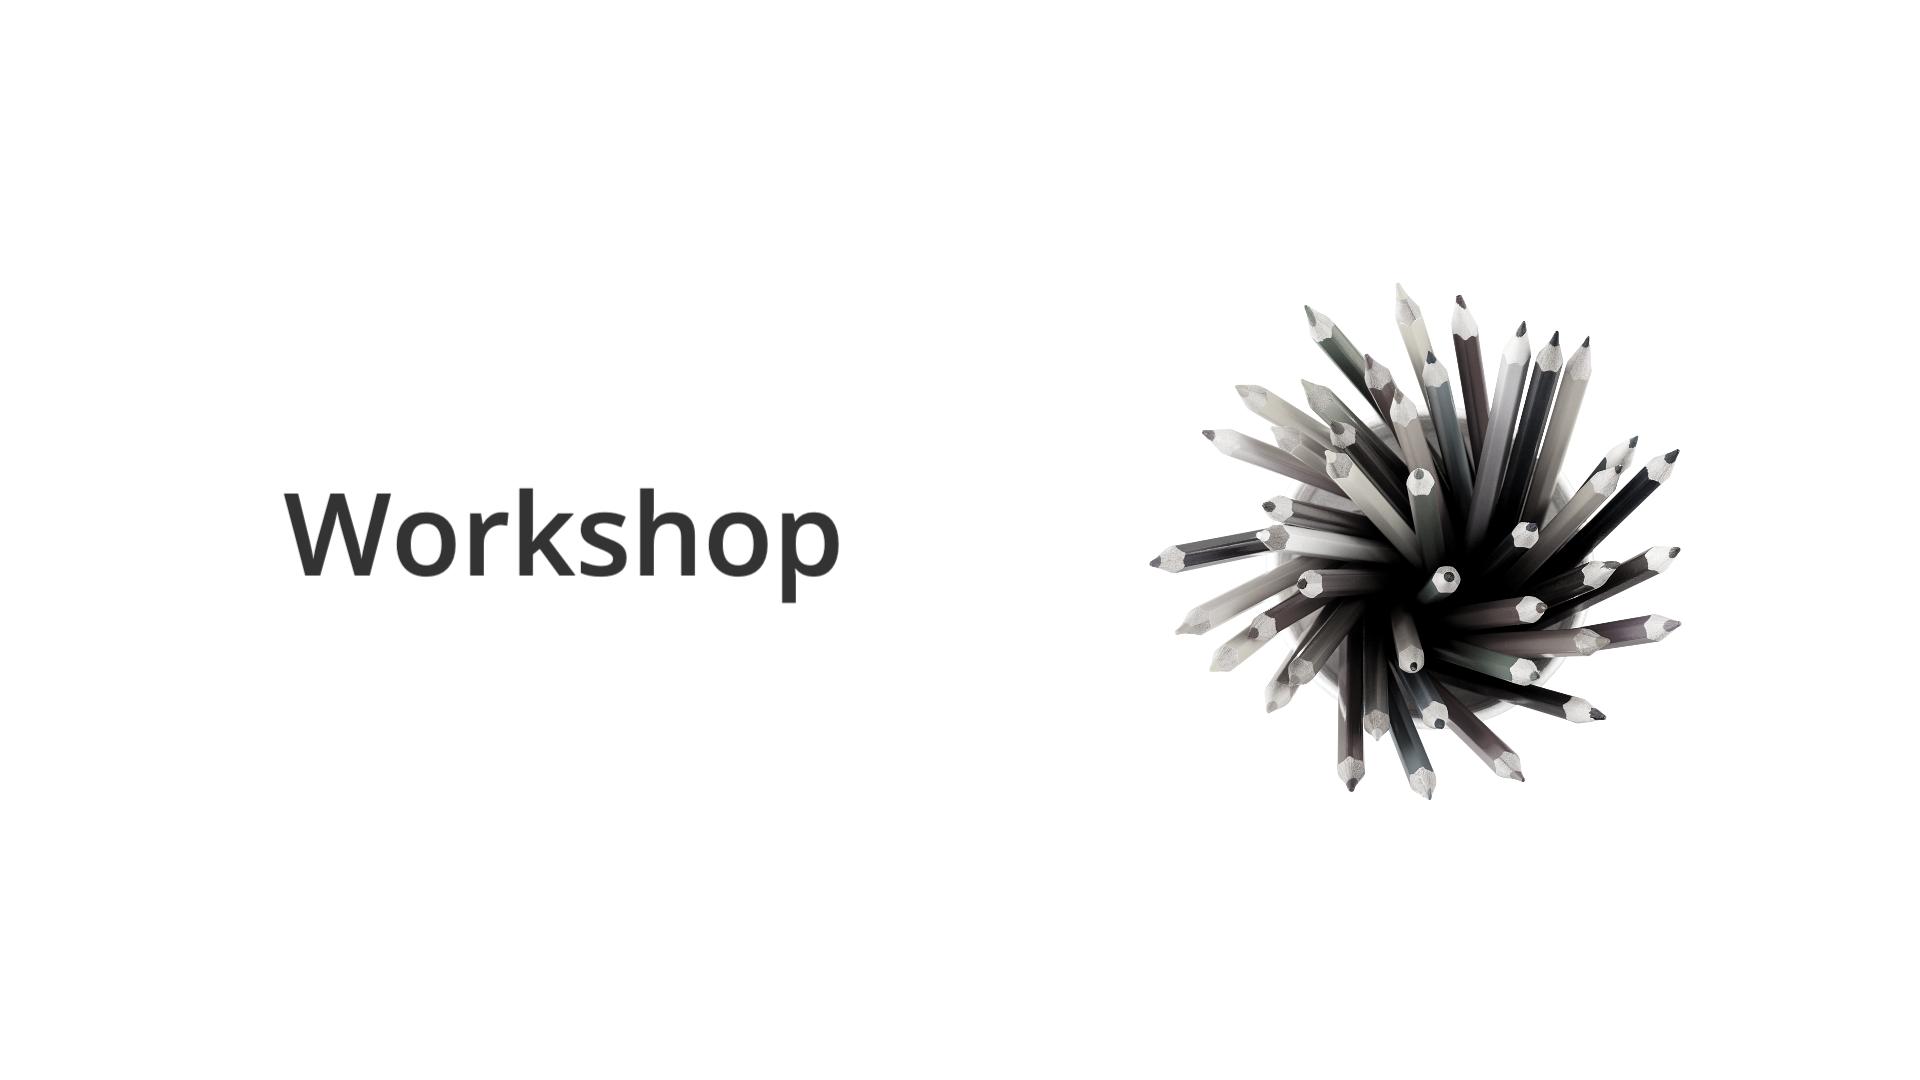 Serviço de workshop - Burithi Transformando Conflitos